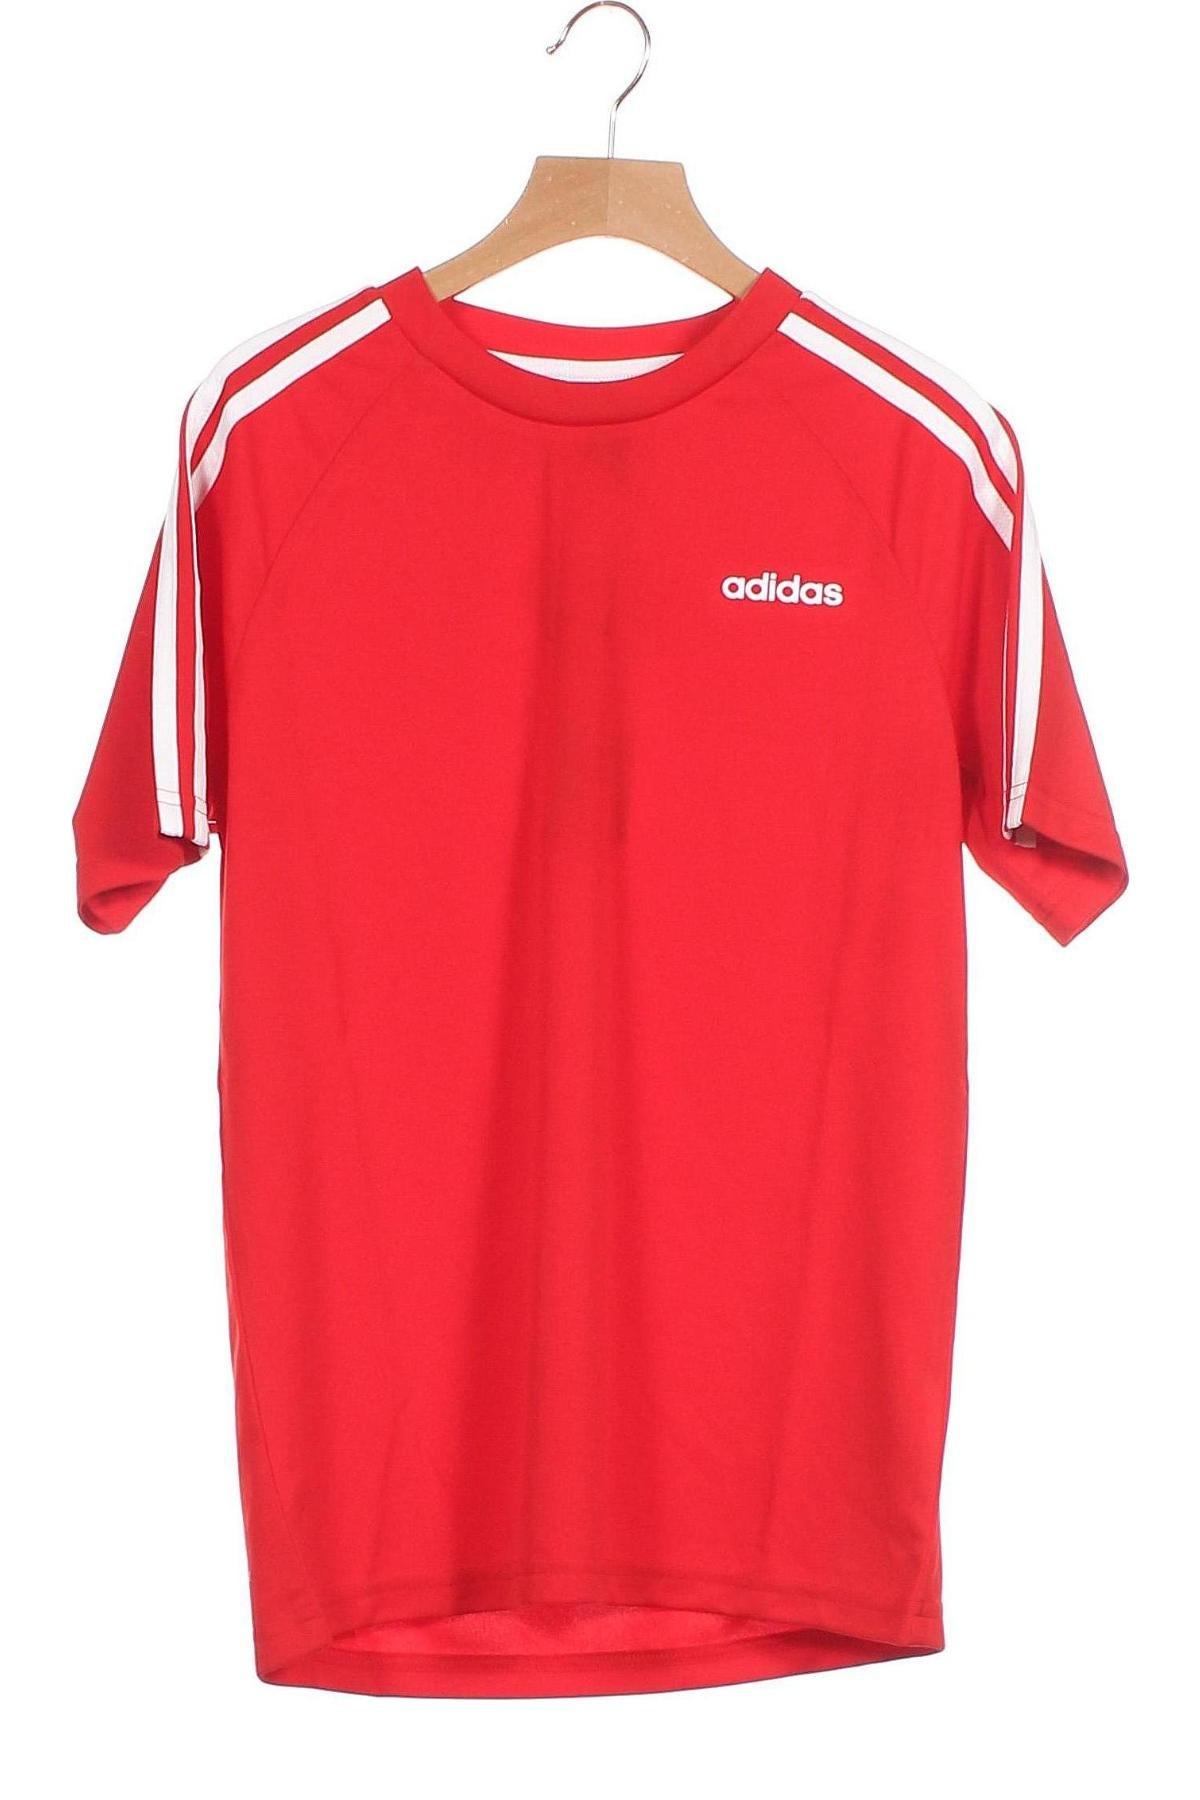 Παιδικό μπλουζάκι Adidas, Μέγεθος 10-11y/ 146-152 εκ., Χρώμα Κόκκινο, Πολυεστέρας, Τιμή 18,95€